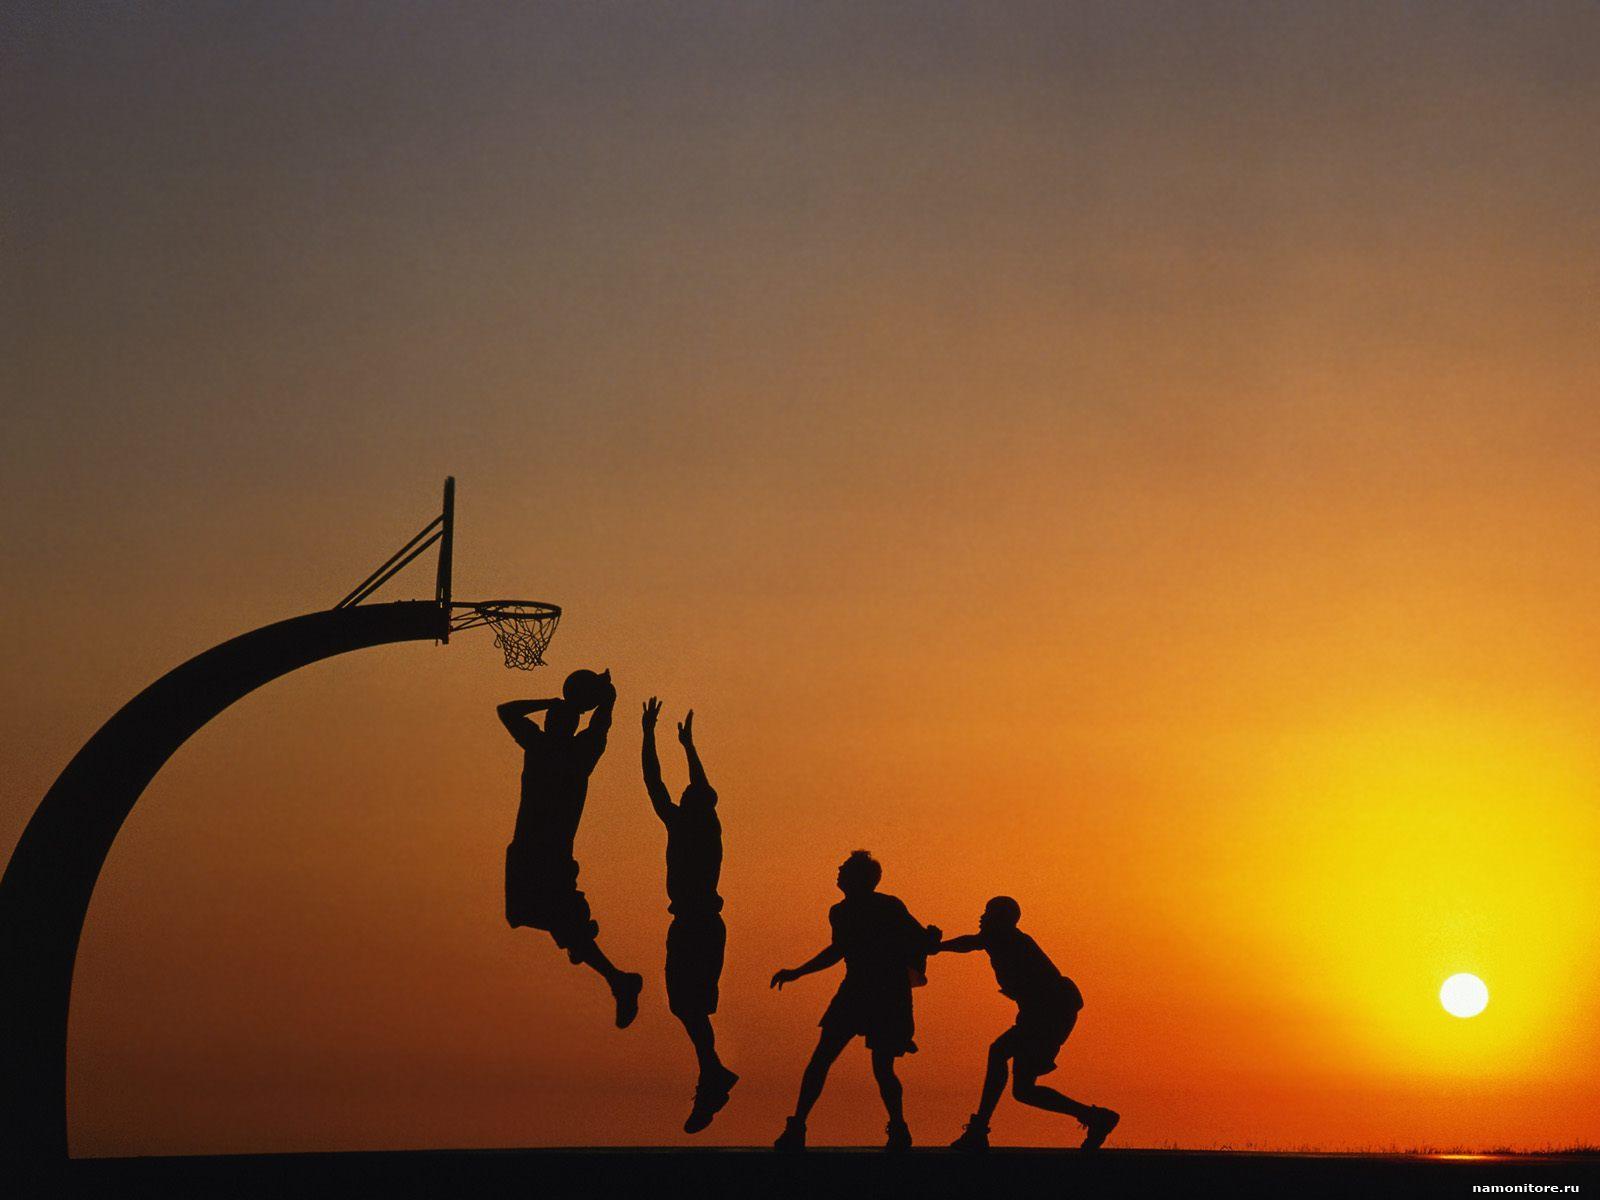 Баскетбол, обои на рабочий стол, фото, скачать бесплатно